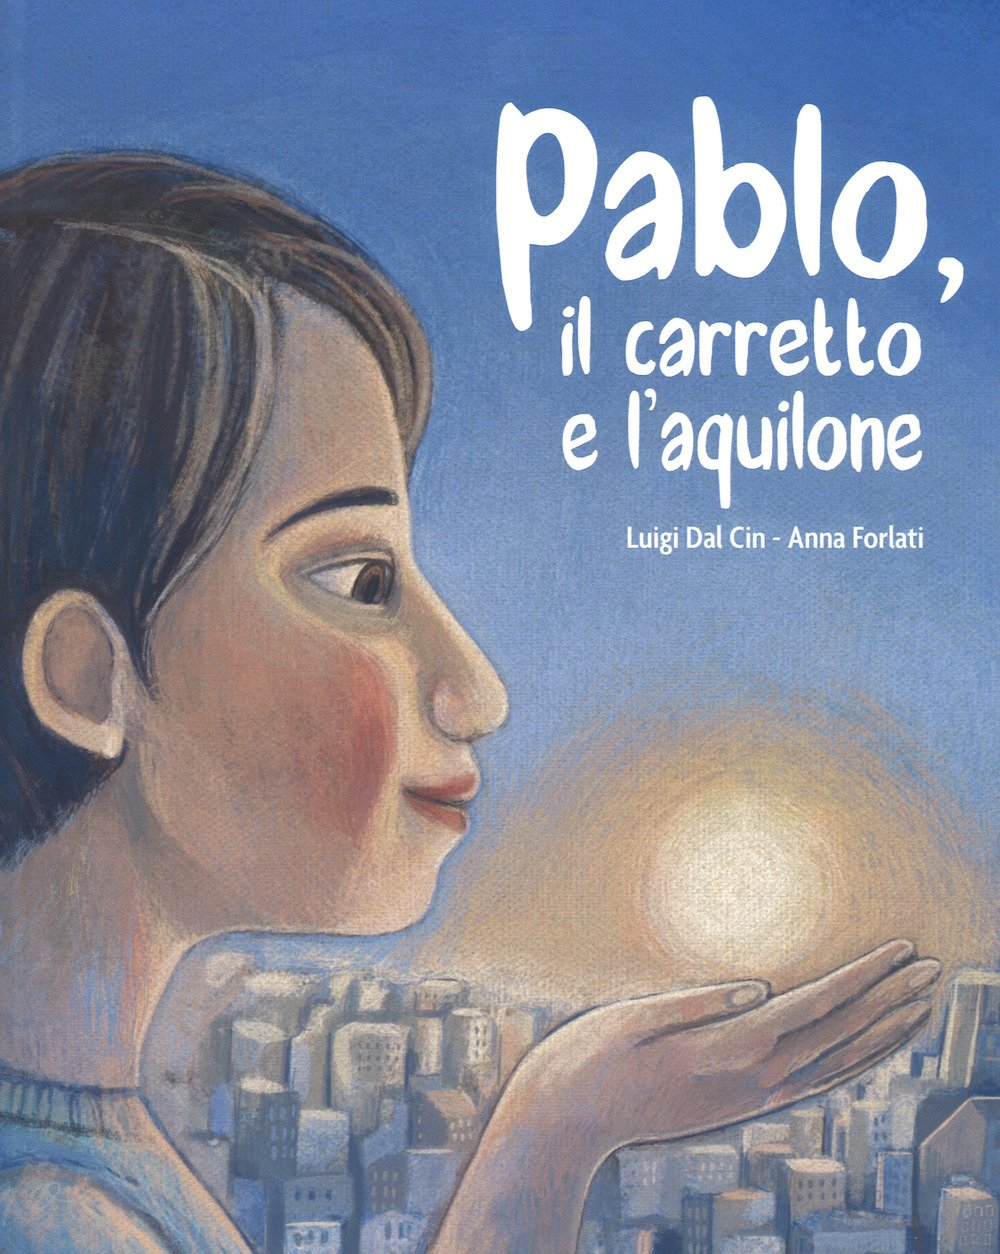 Pablo, il carretto e l'aquilone, Lapis